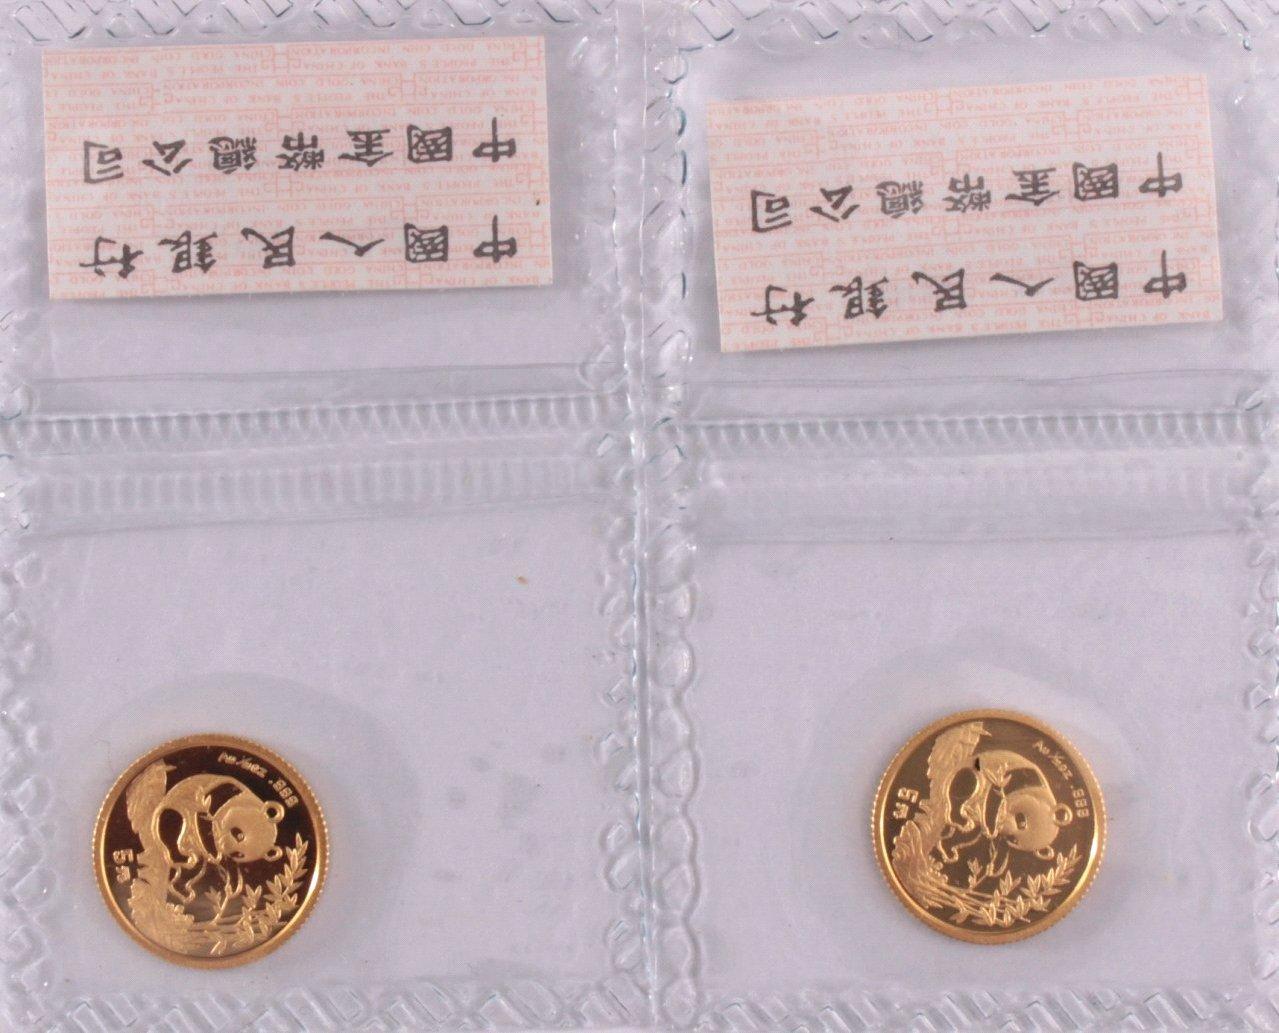 2 5 Yuan Goldmünzen, Panda Motiv/Himmelstempel-1